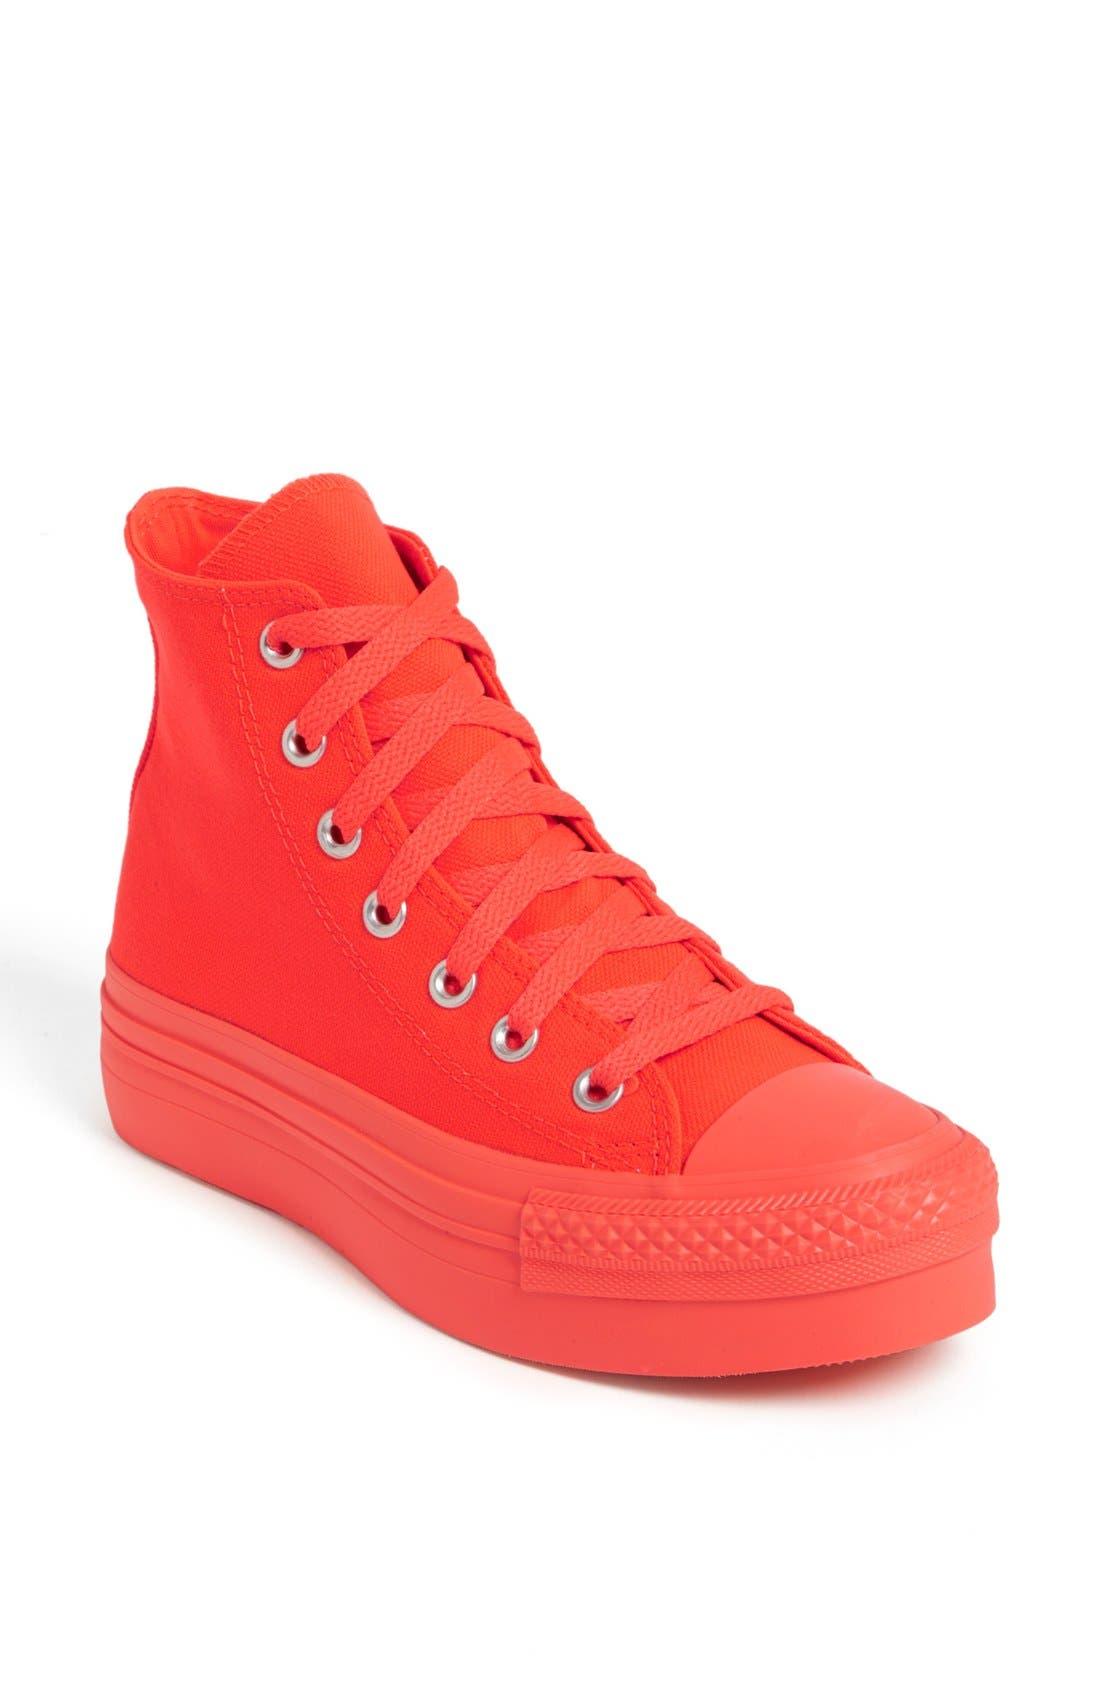 Main Image - Converse Chuck Taylor® All Star® Platform High Top Sneaker (Women)